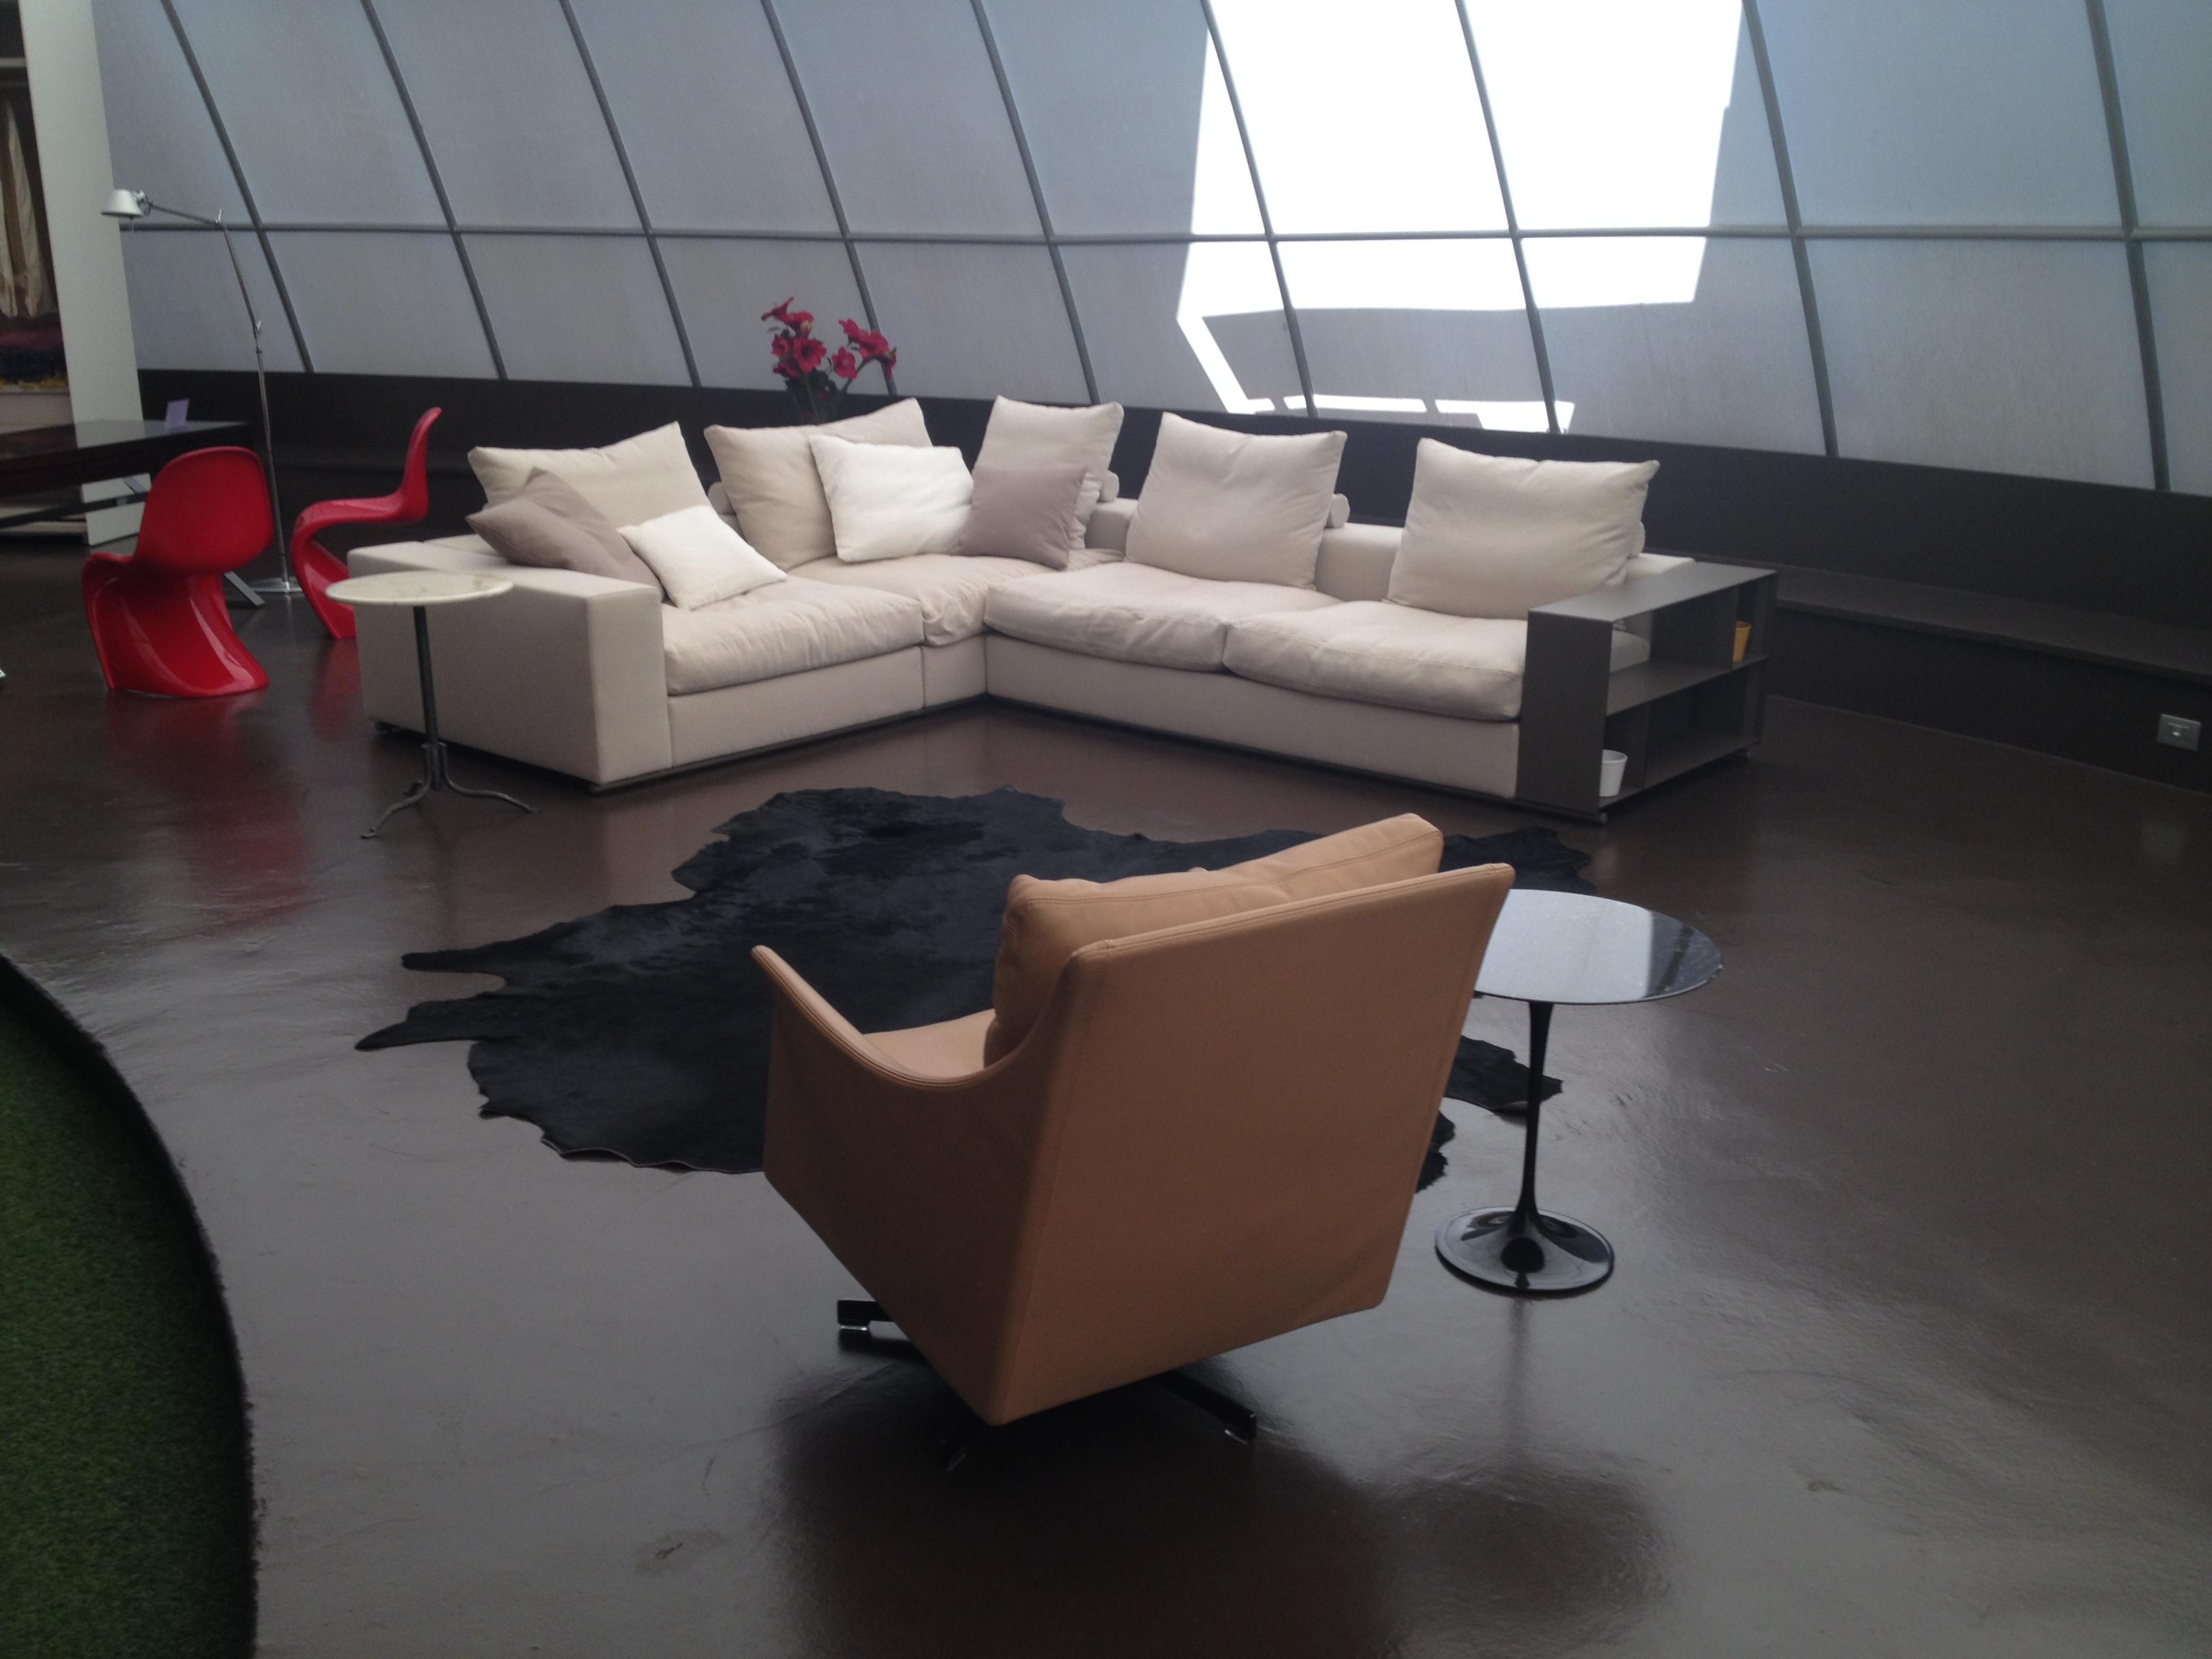 Divani di qualit quali sono i migliori divani la casa for Quali sono i migliori divani in pelle